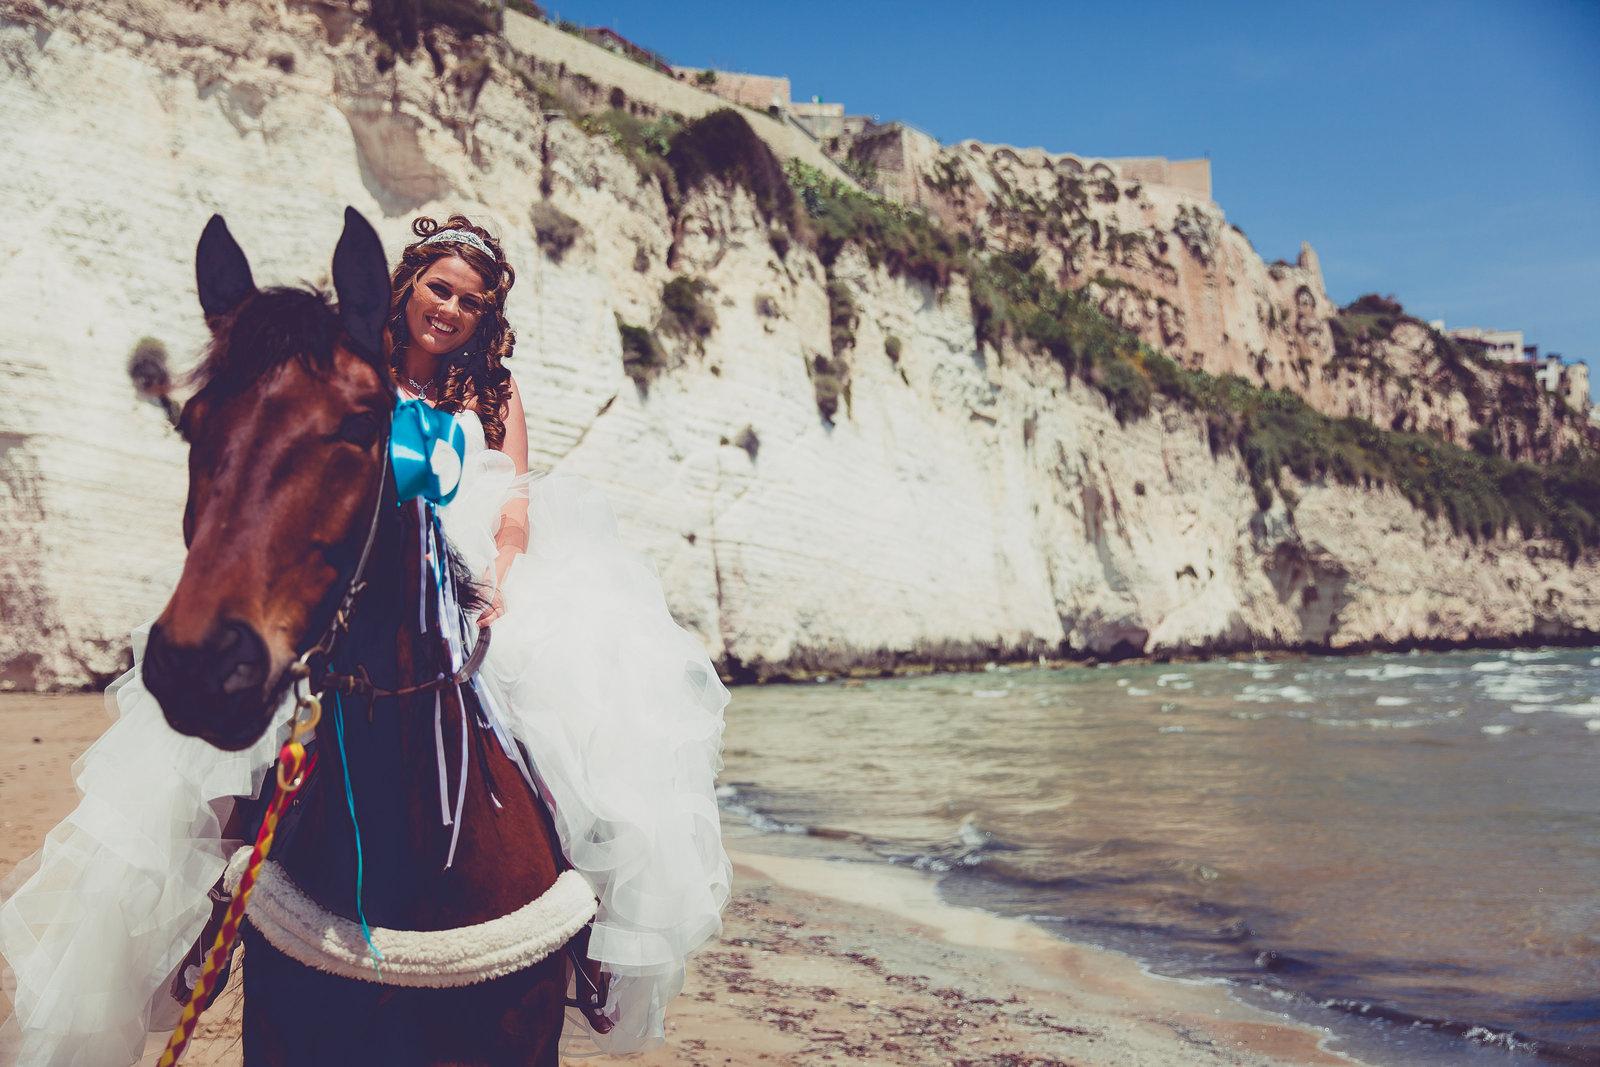 Geen rpins op het witte paard, maar een bruid op een bruin paard op een Italiaans strand. Copyright Nanda Zee-Fritse | FOTOZEE